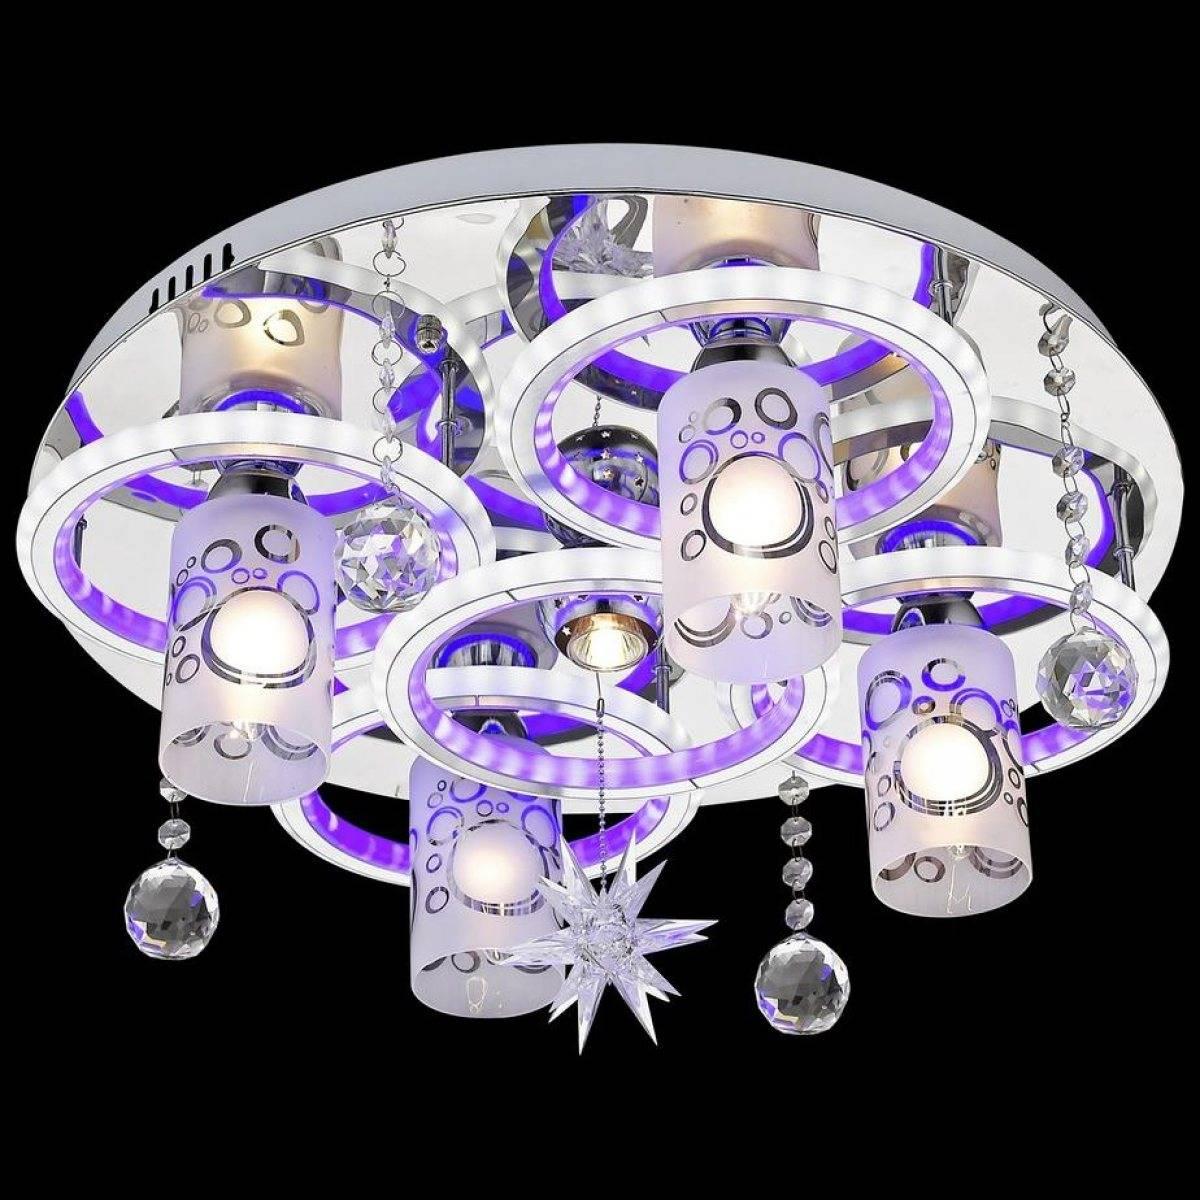 Светодиодная люстра для дома, фото, выбор и установка